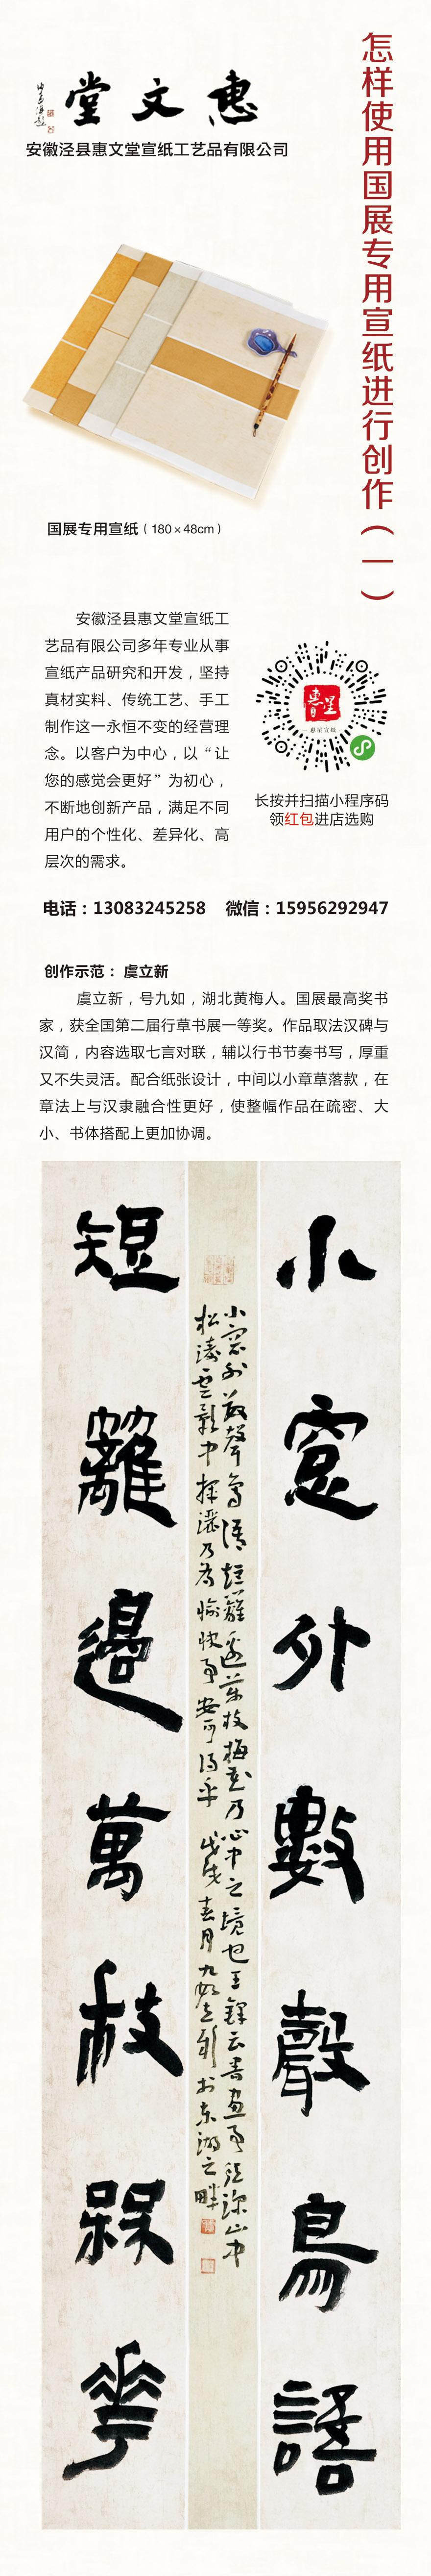 惠文堂|怎样使用国展专用宣纸进行创作